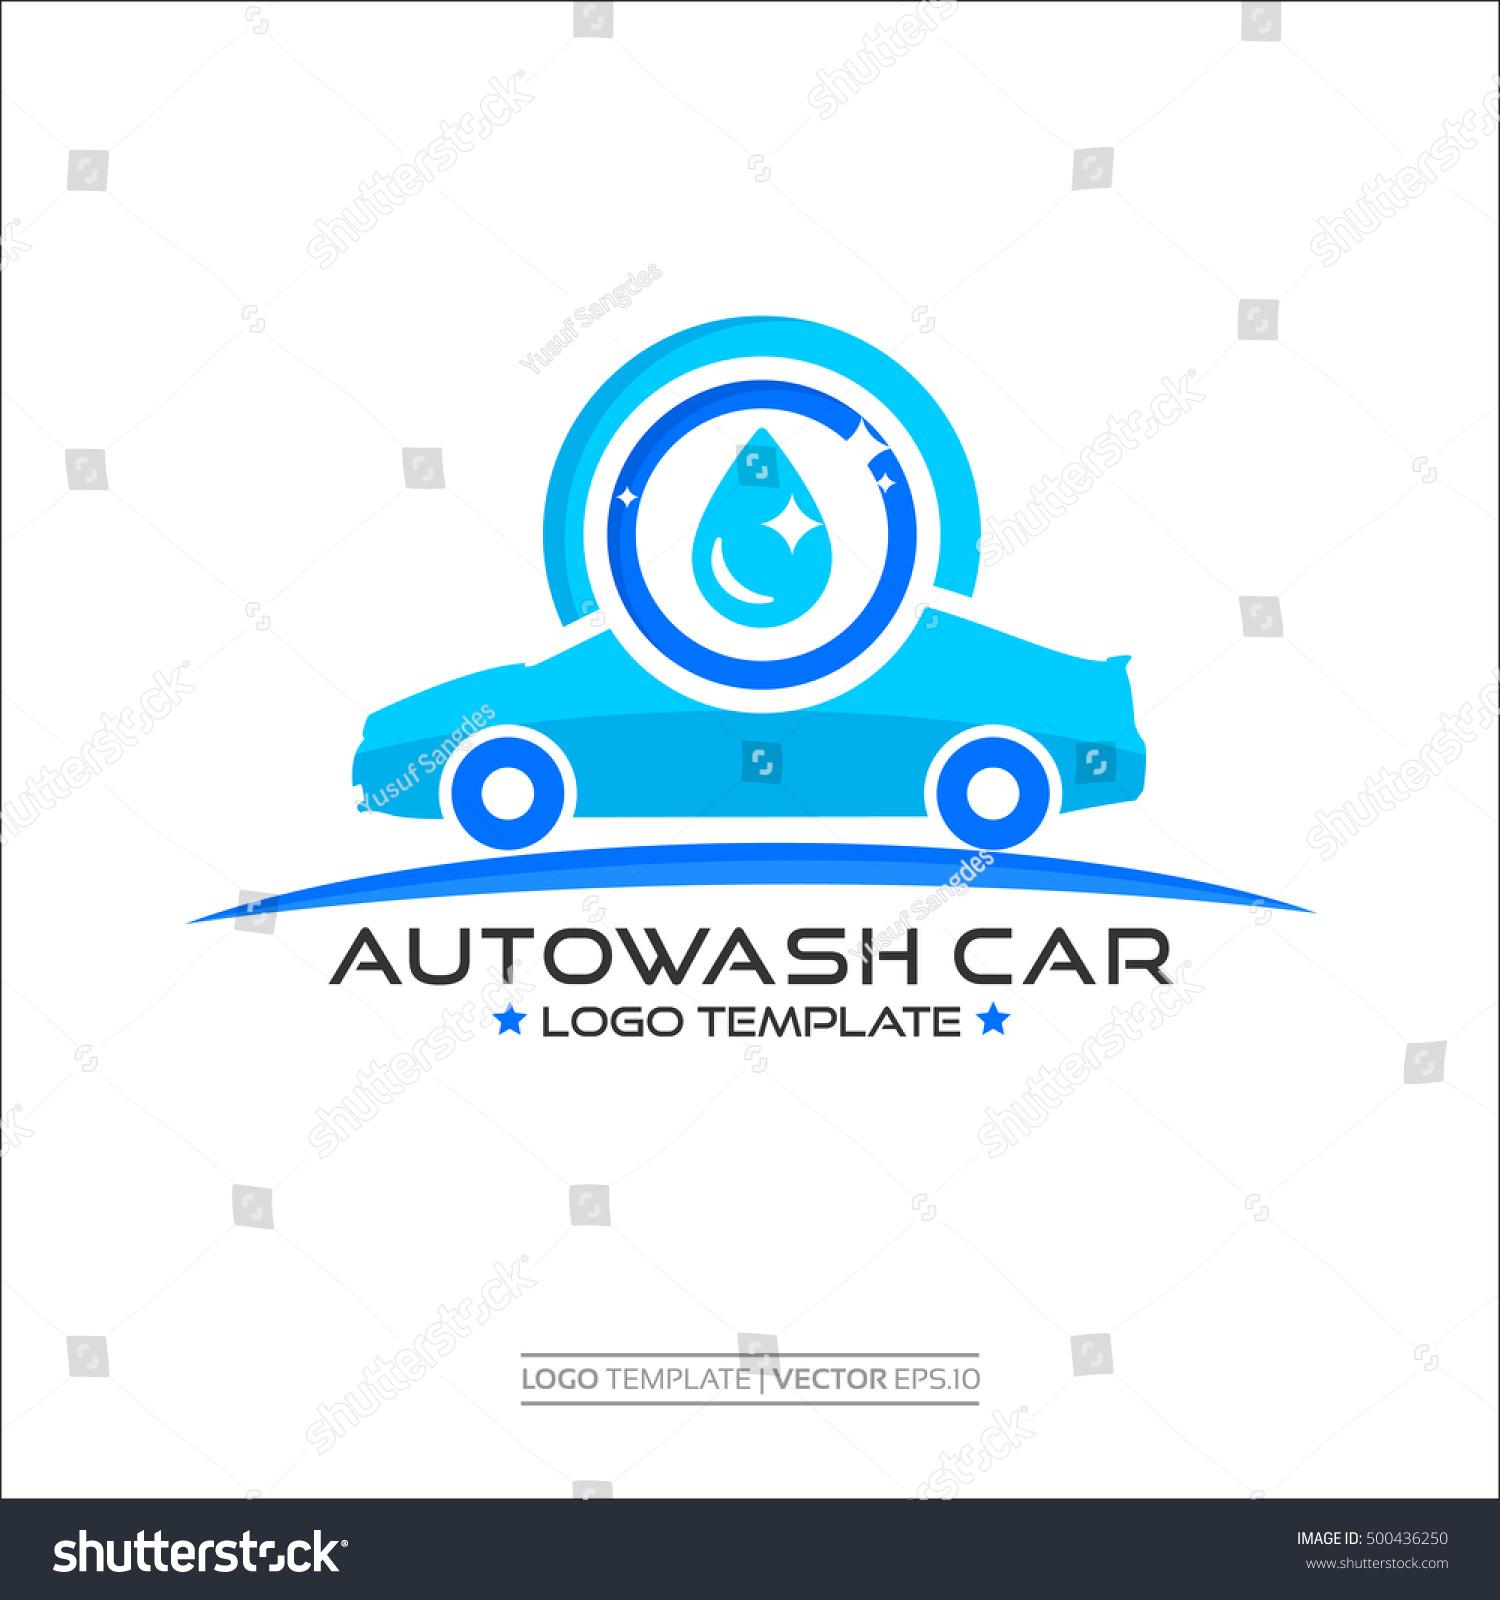 Auto wash car logo template vector stock vector 500436250 auto wash car logo template vector eps10 biocorpaavc